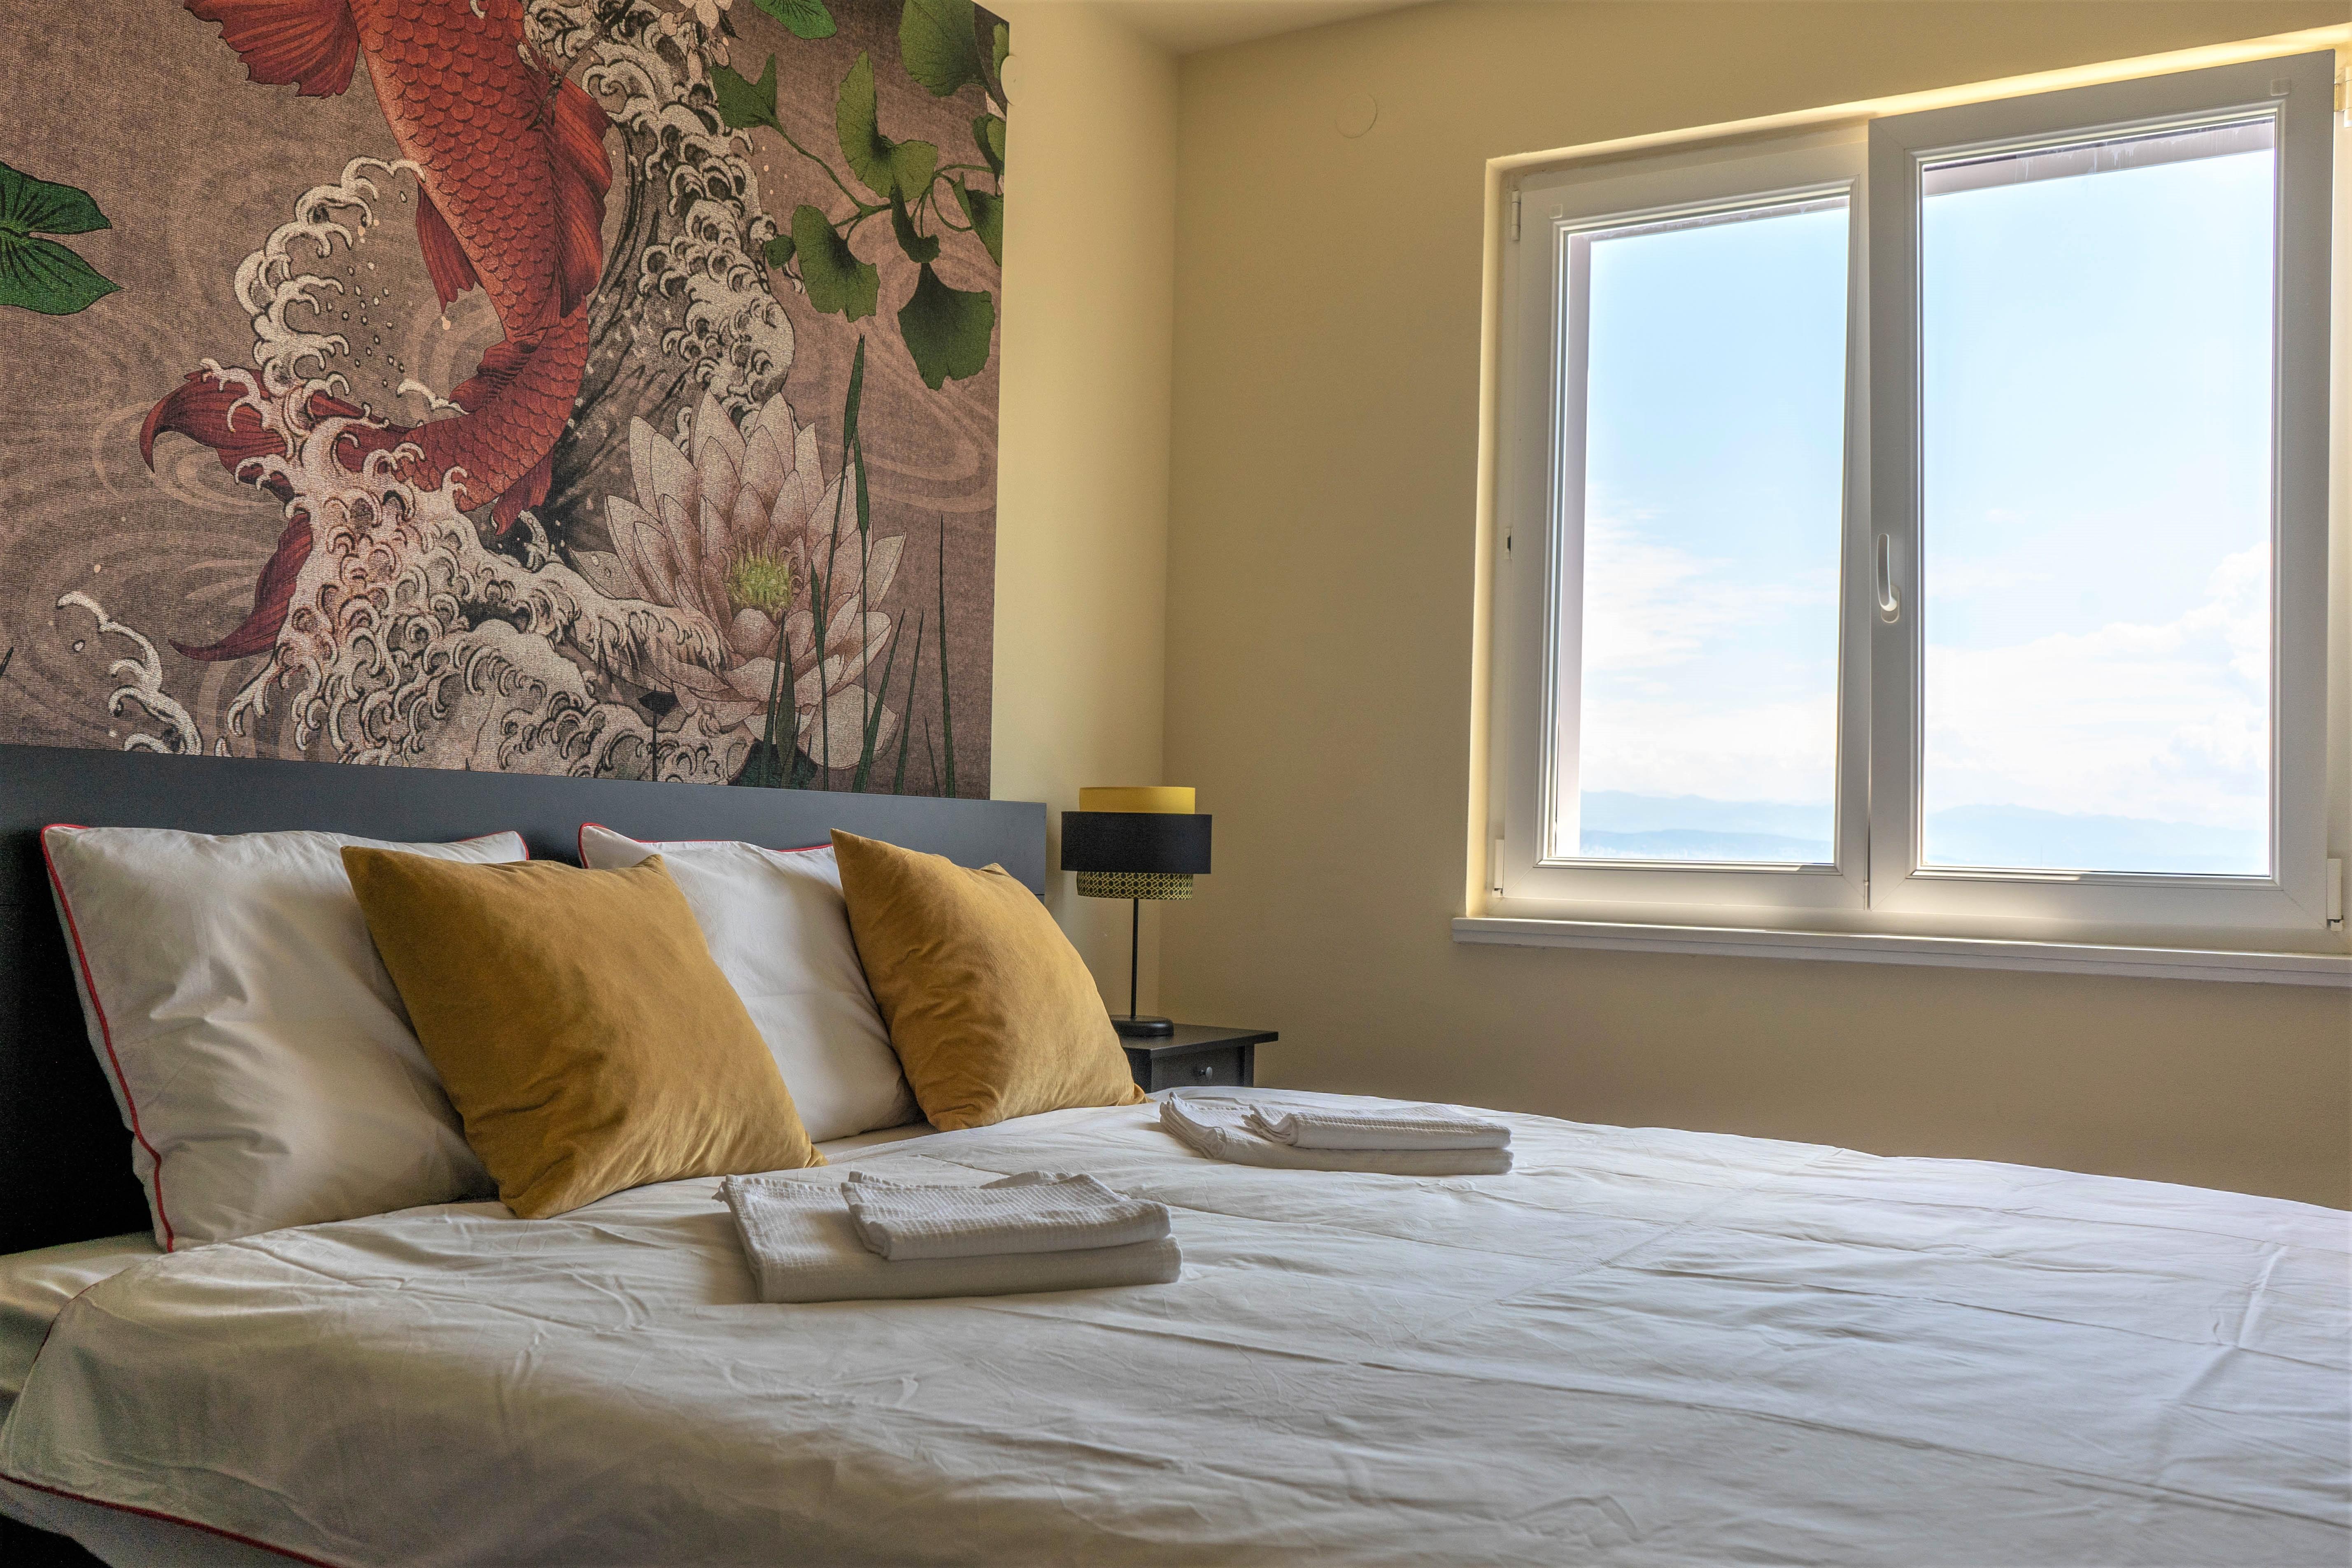 Appartement de vacances Wohnung mit Meerblick (2819649), Opatija, , Kvarner, Croatie, image 11